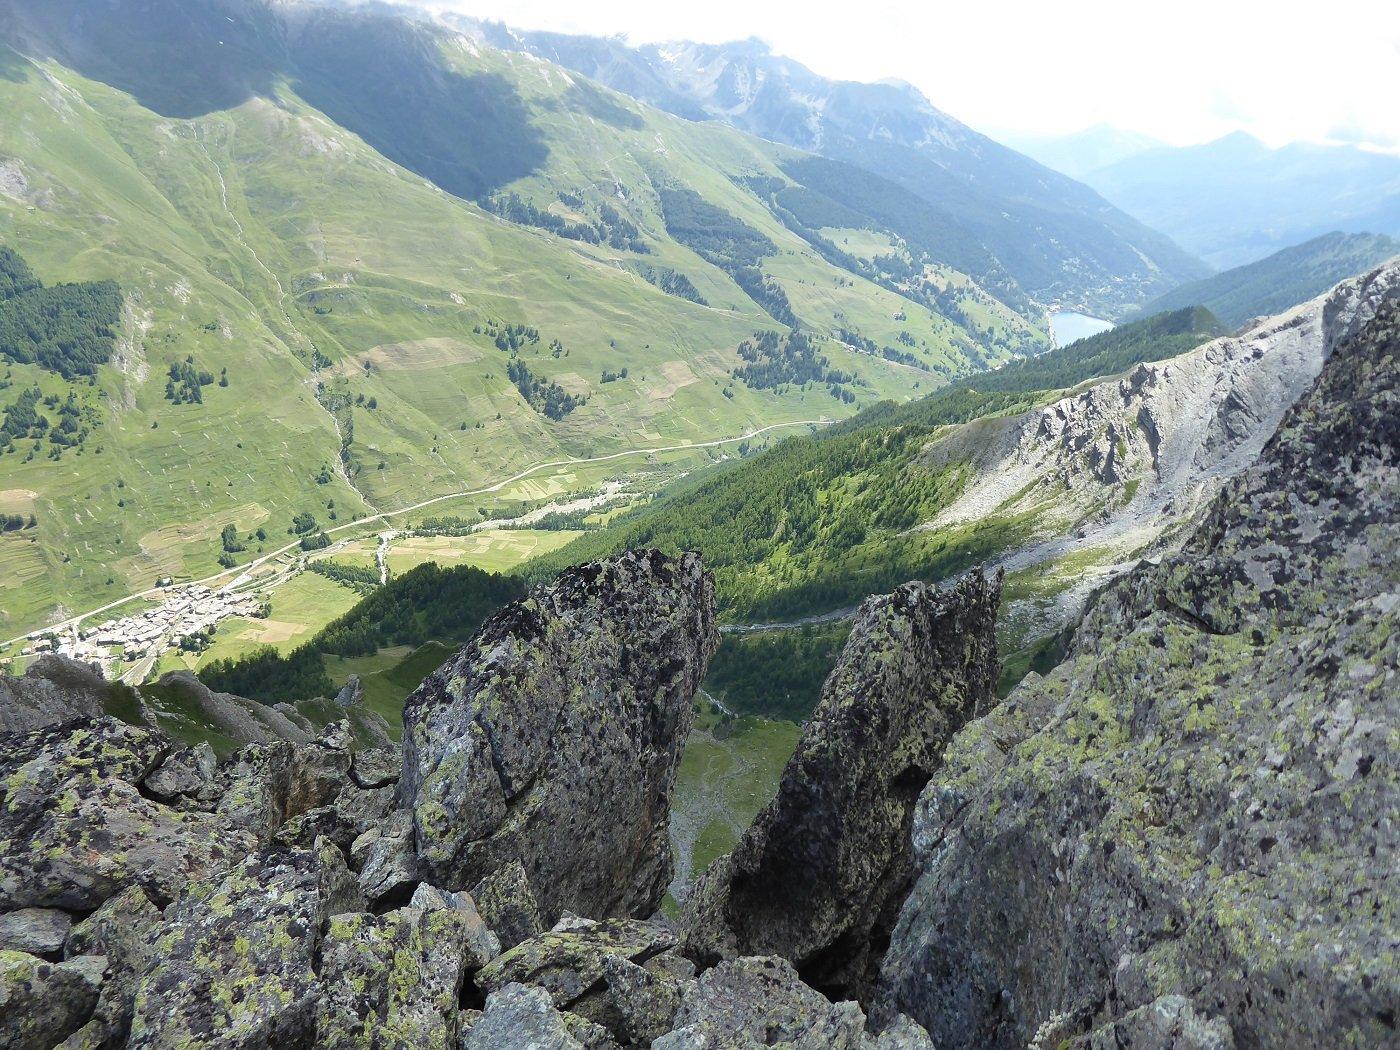 La Valle vista dai pressi della cima.